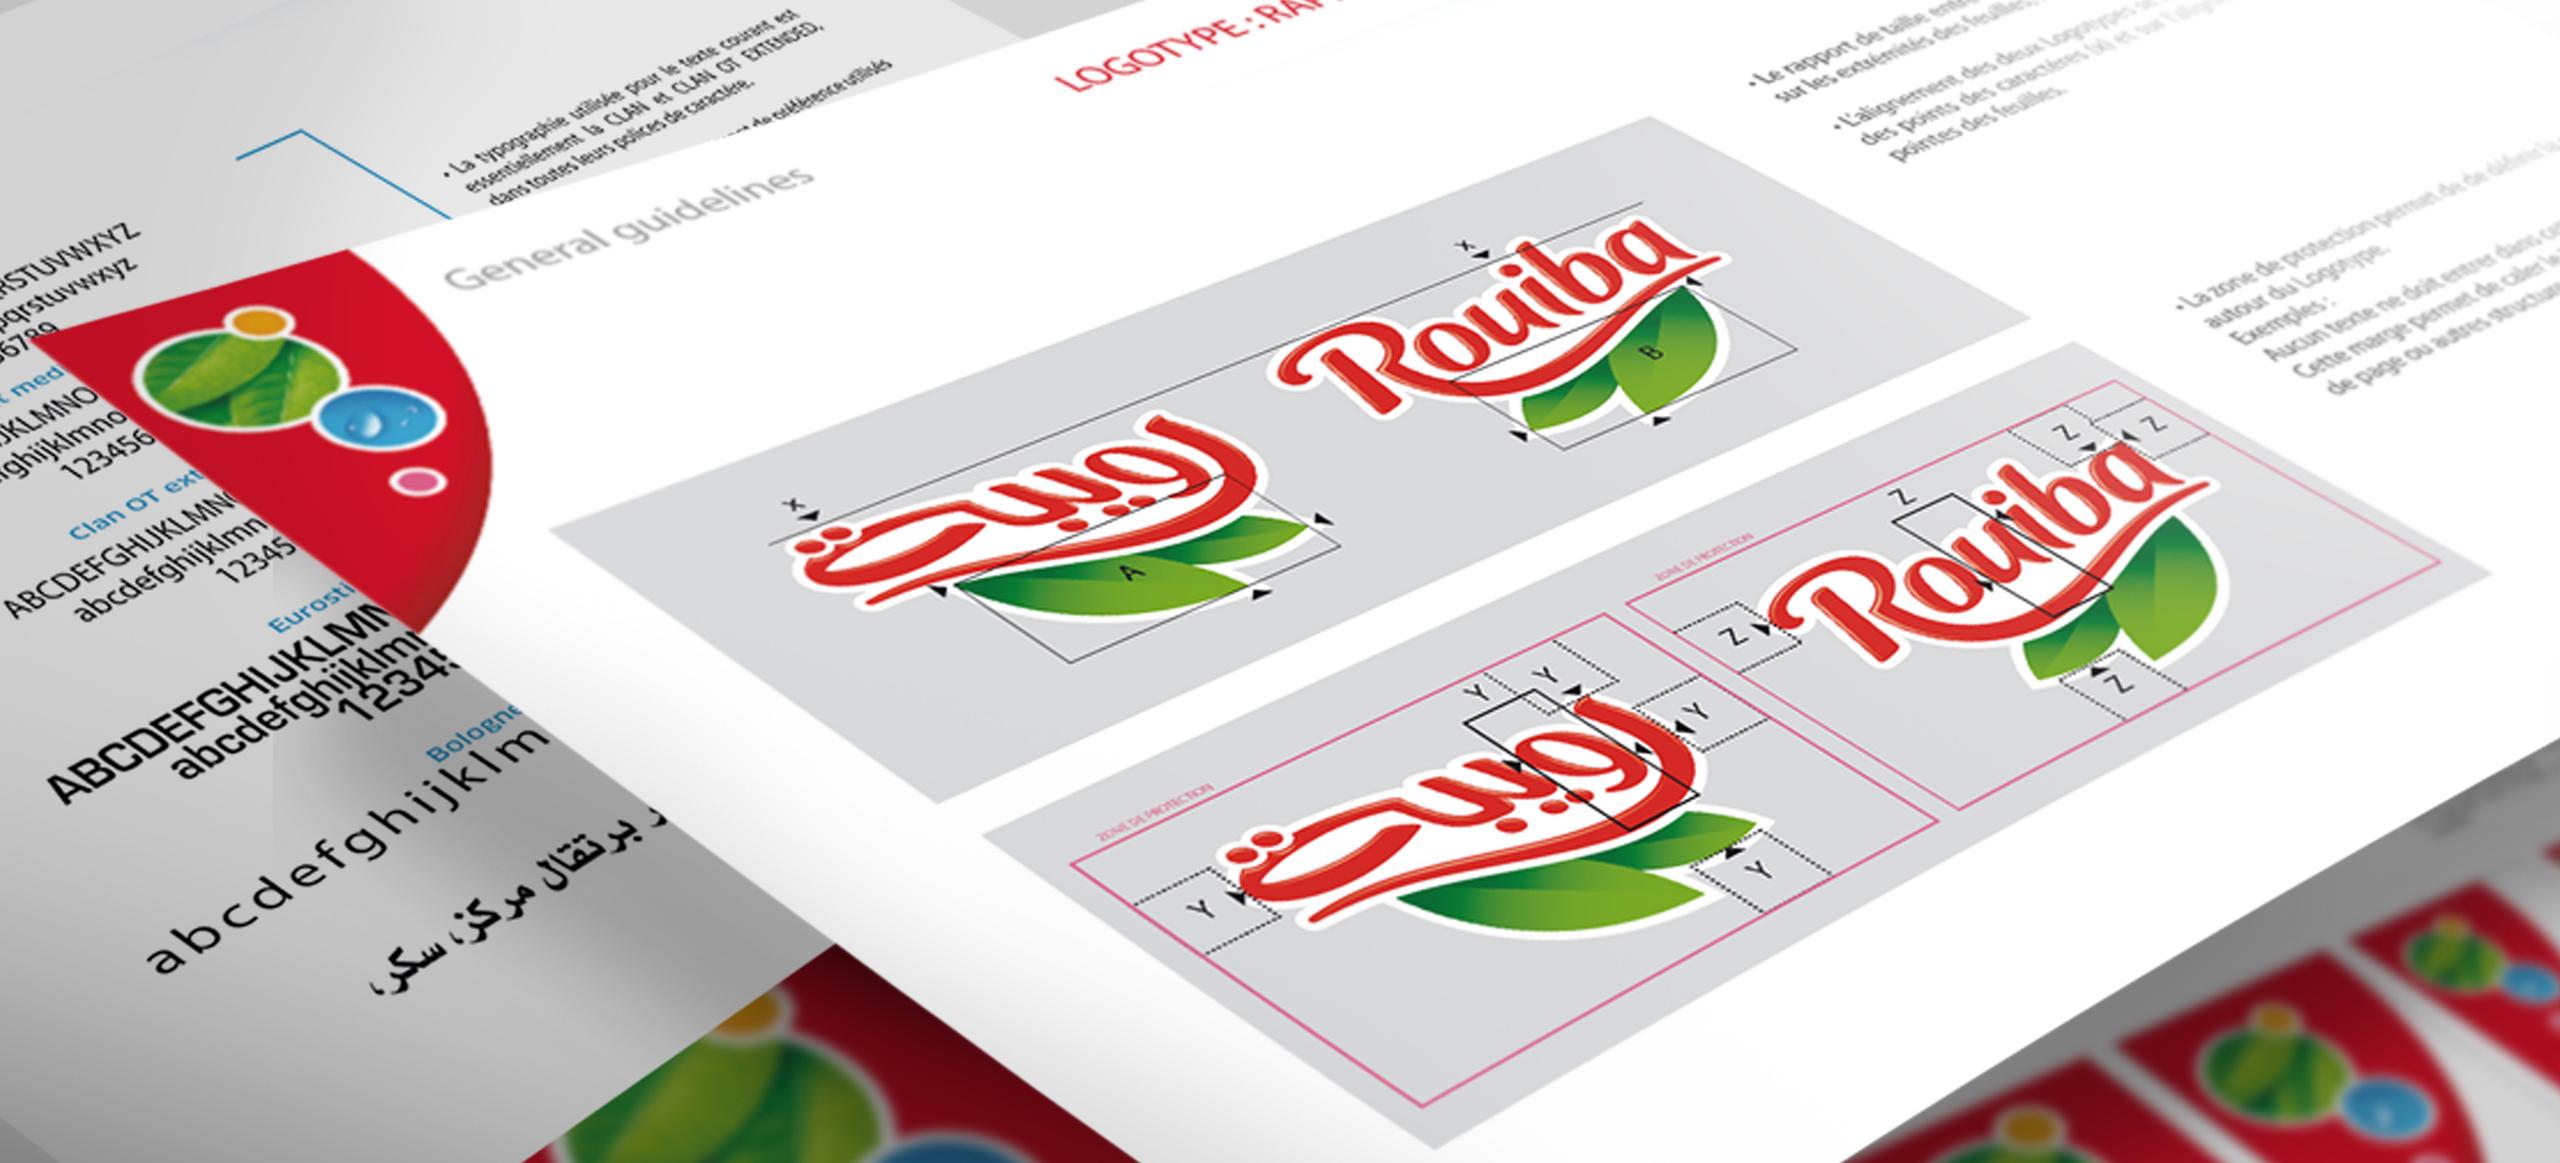 ROUIBA Branding Vikiu design